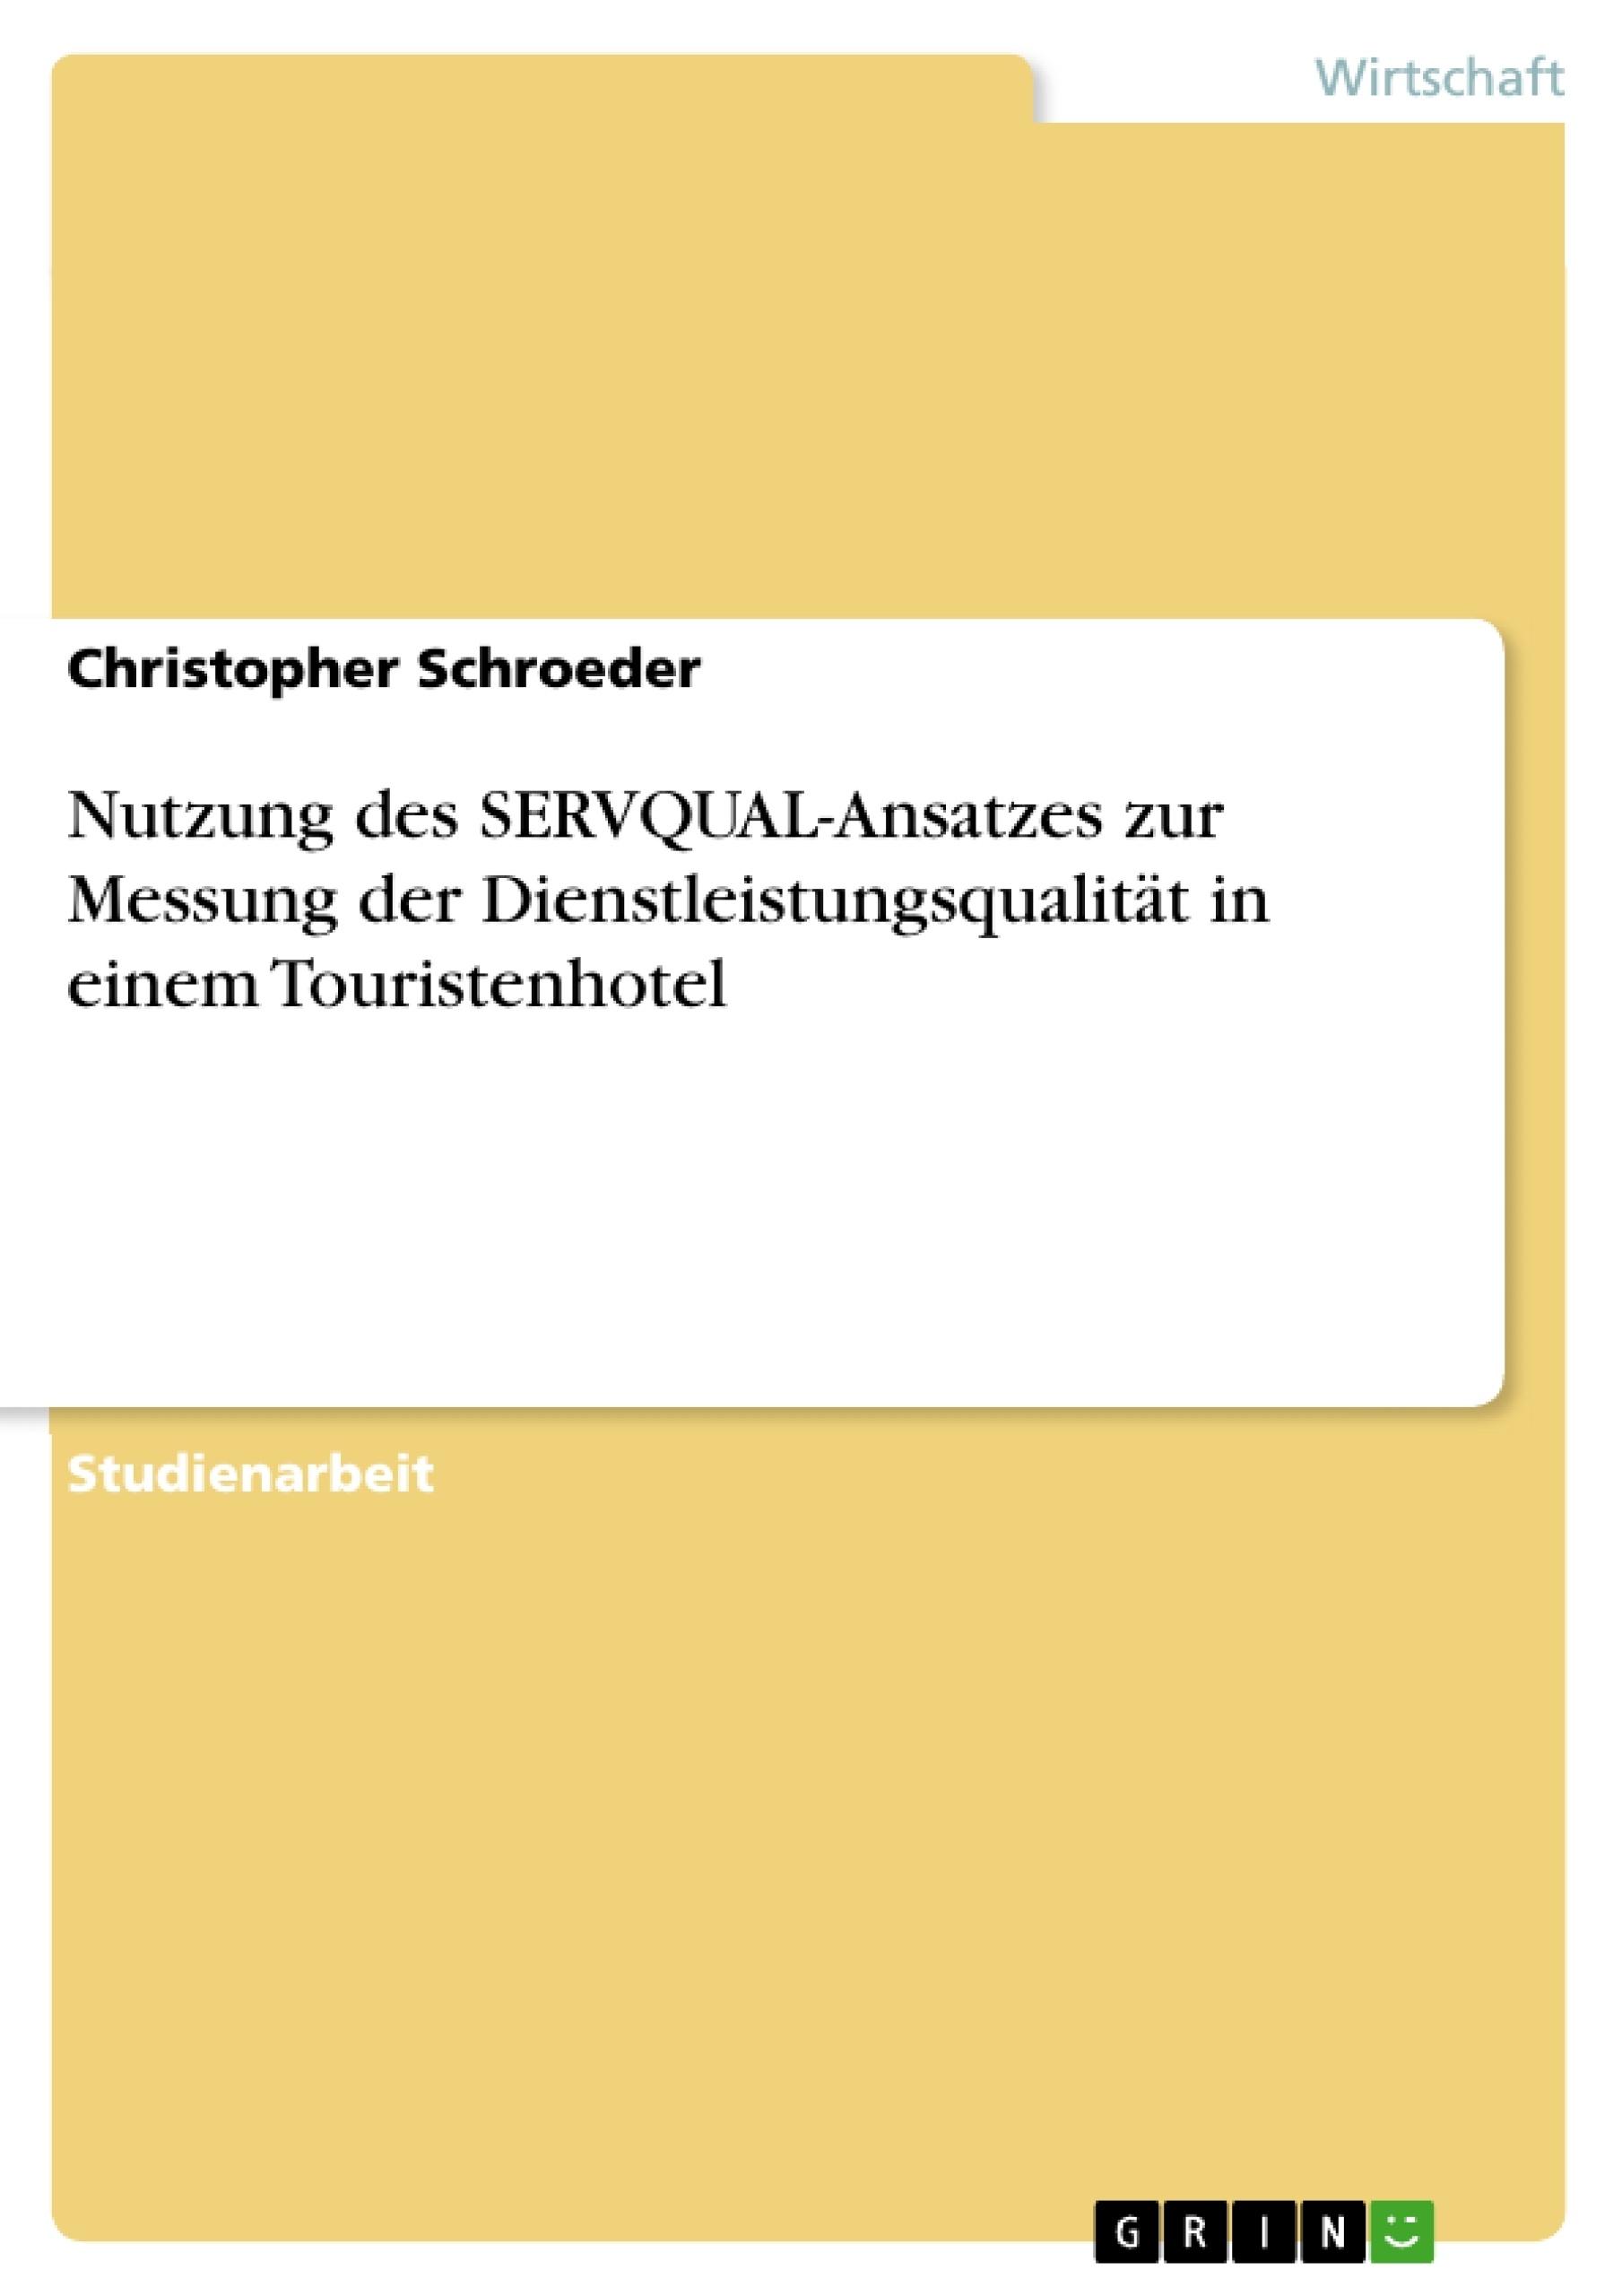 Titel: Nutzung des SERVQUAL-Ansatzes zur Messung der Dienstleistungsqualität in einem Touristenhotel